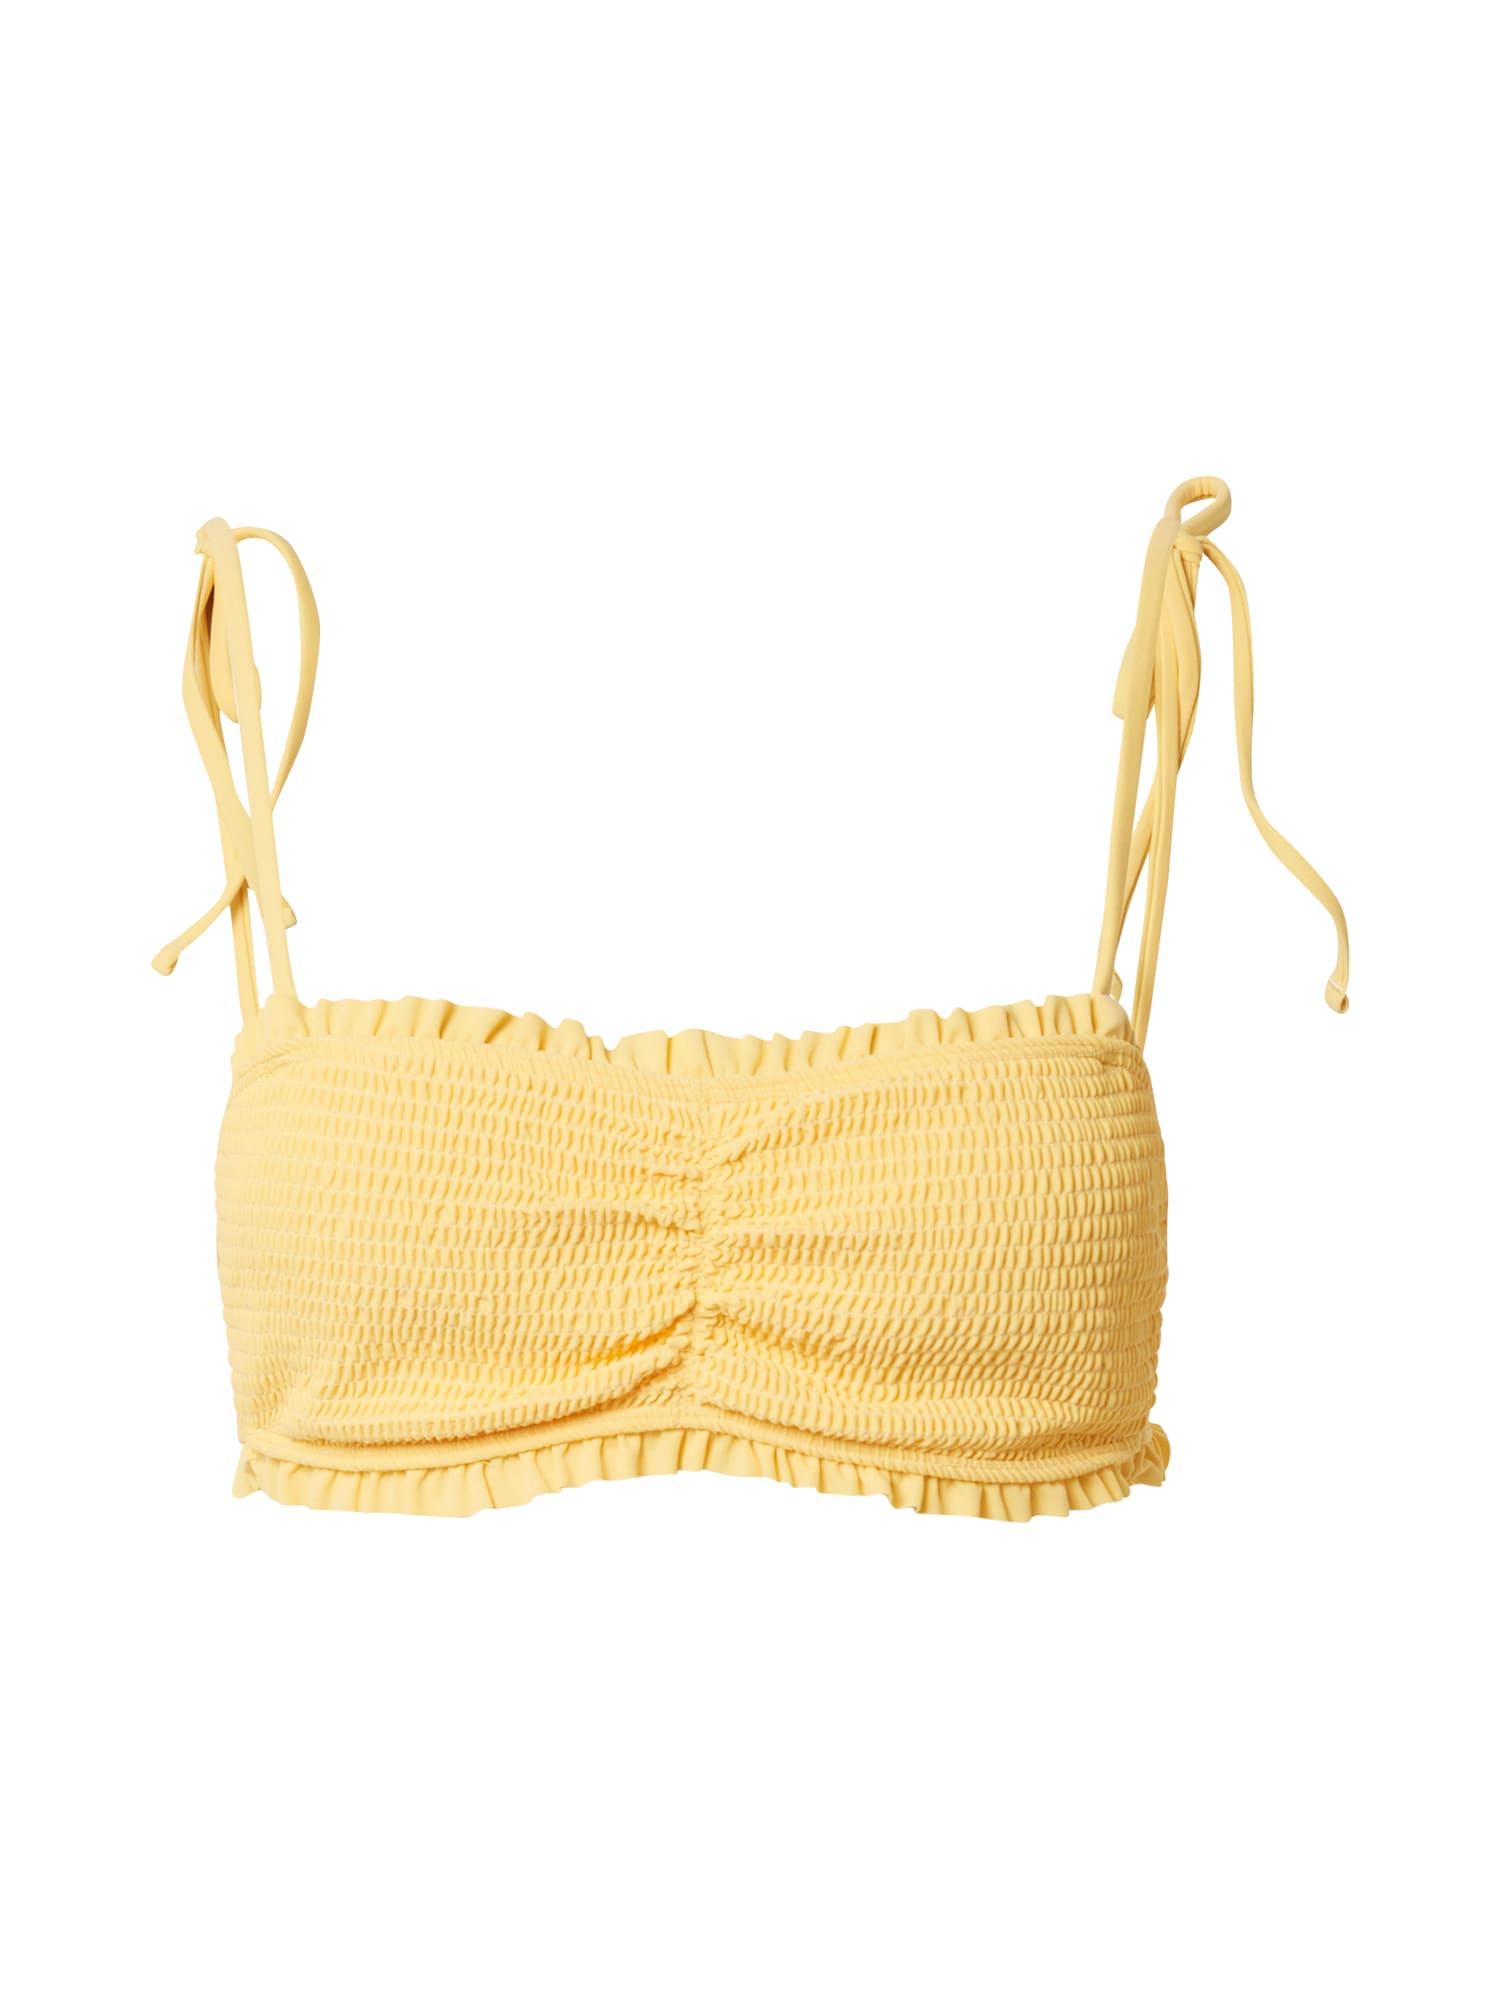 HOLLISTER Bikinio viršutinė dalis geltona